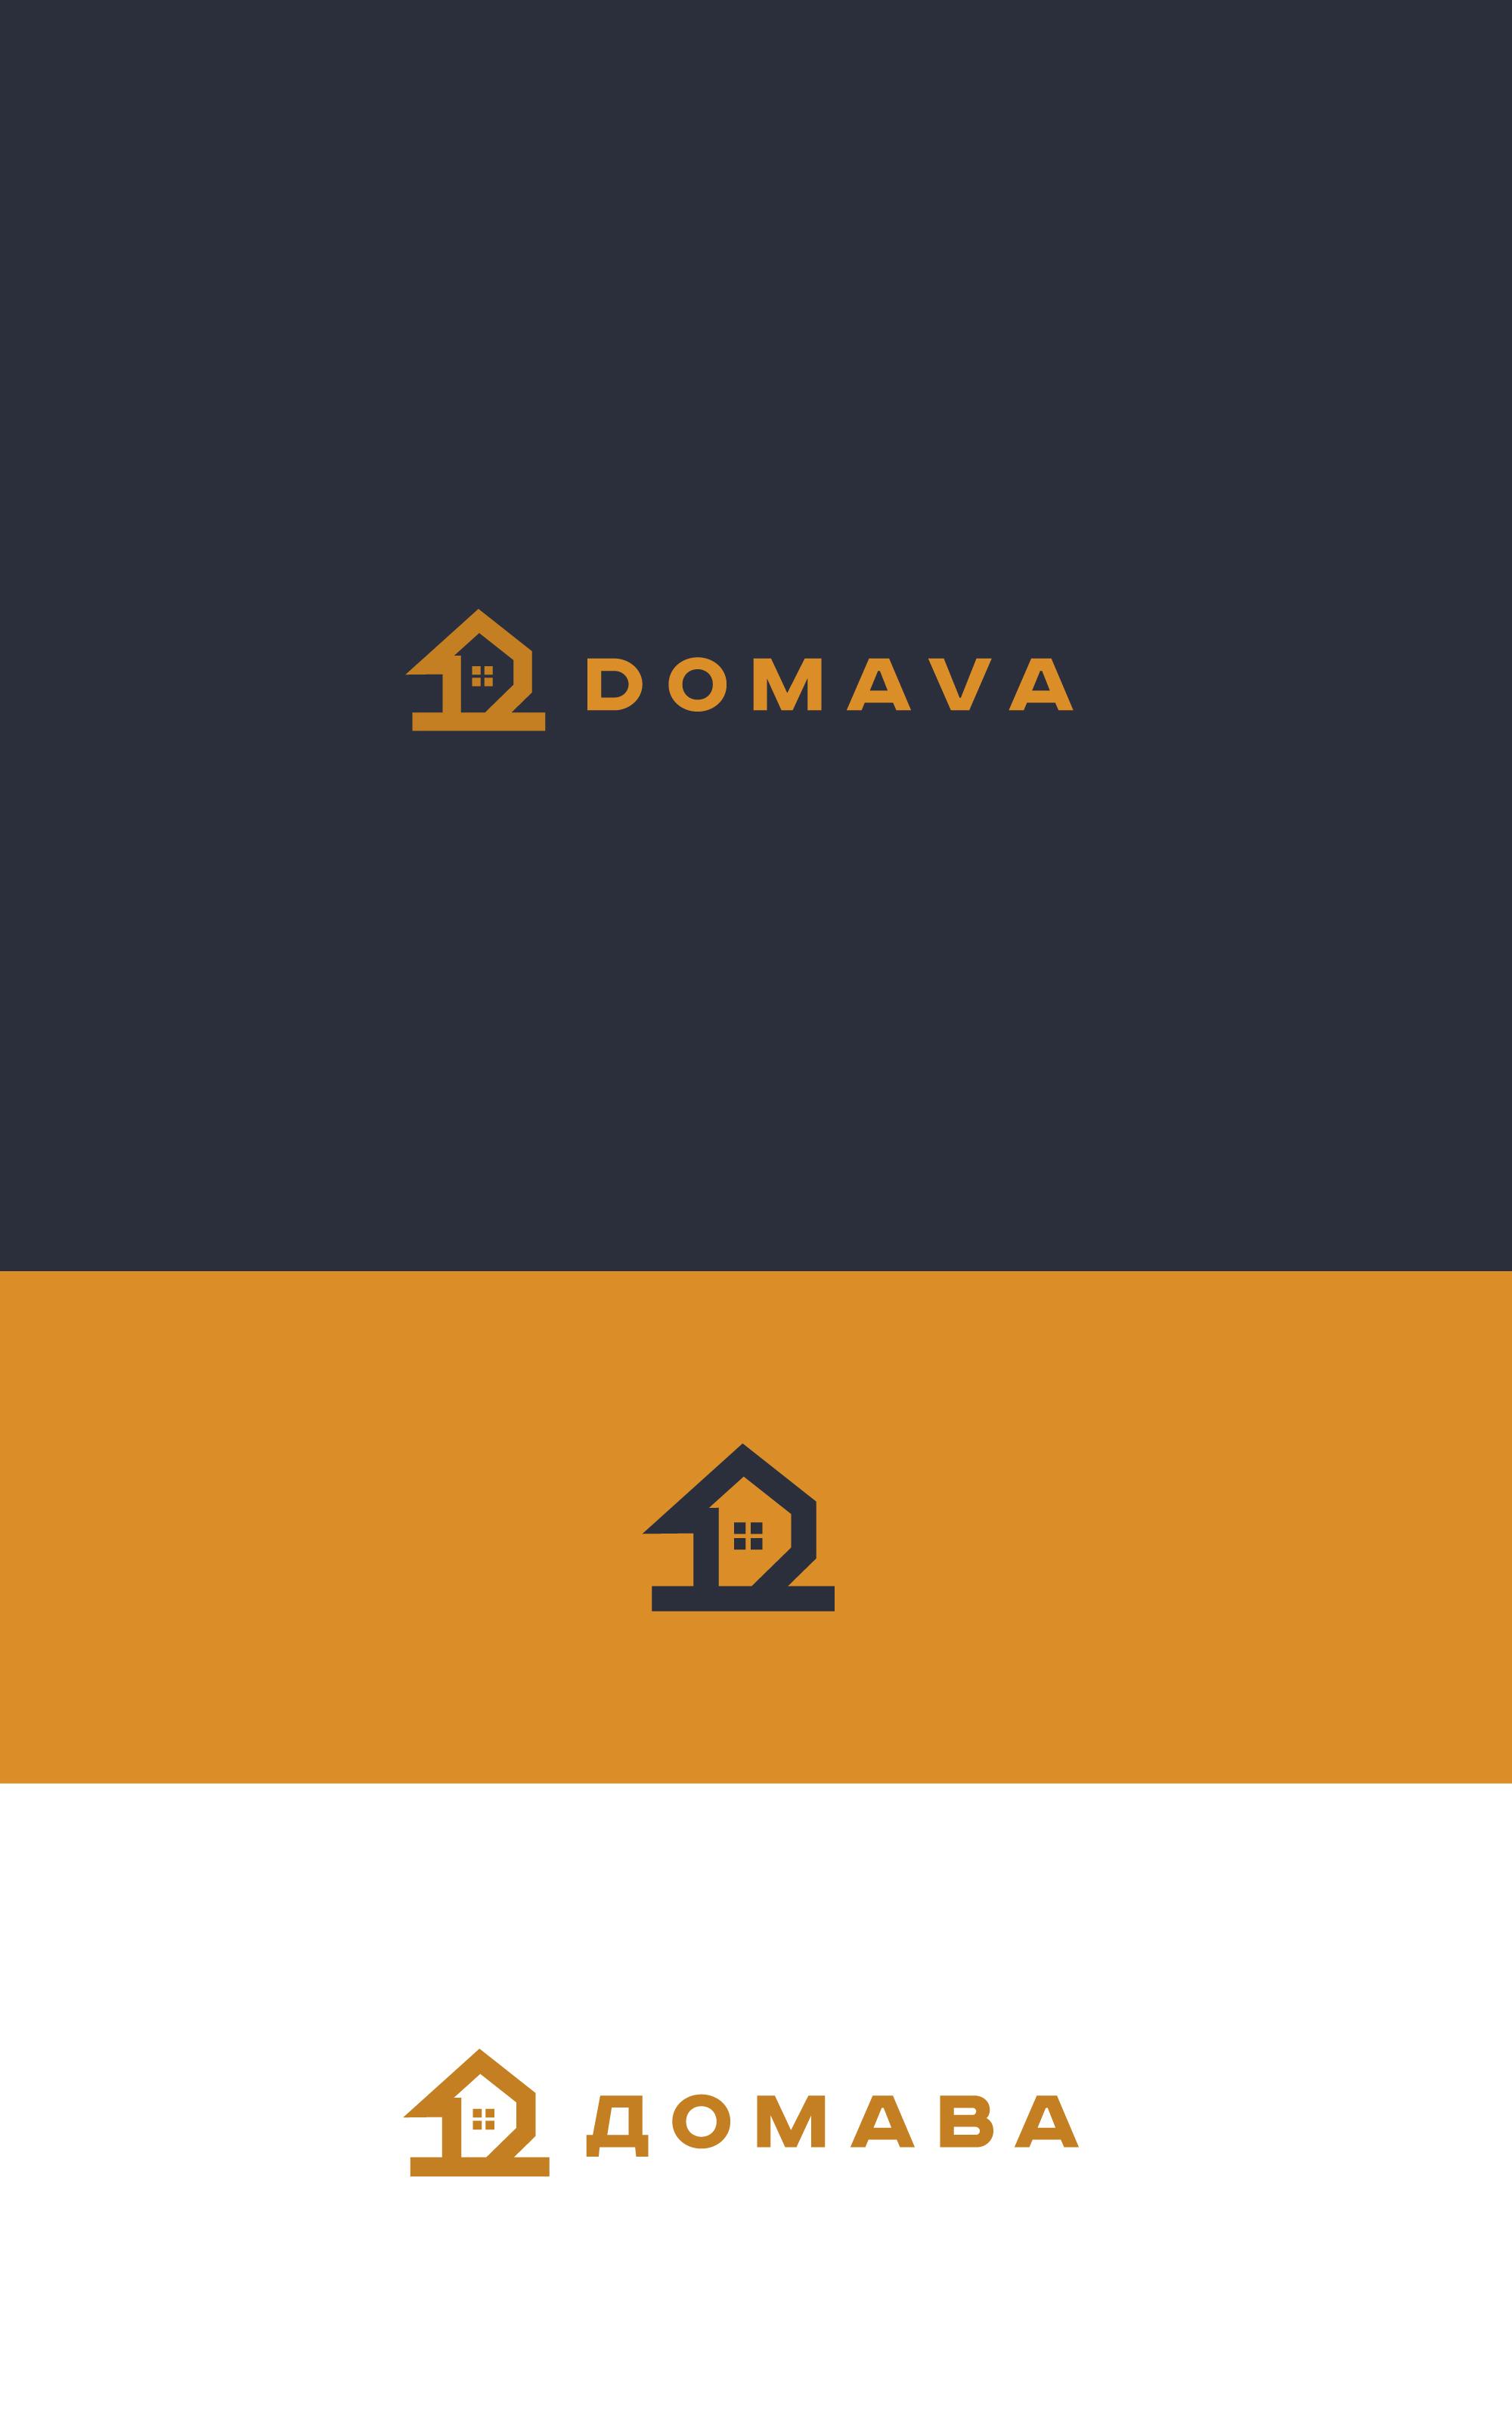 Разработка логотипа с паспортом стандартов фото f_6545ba26eb1943d9.jpg